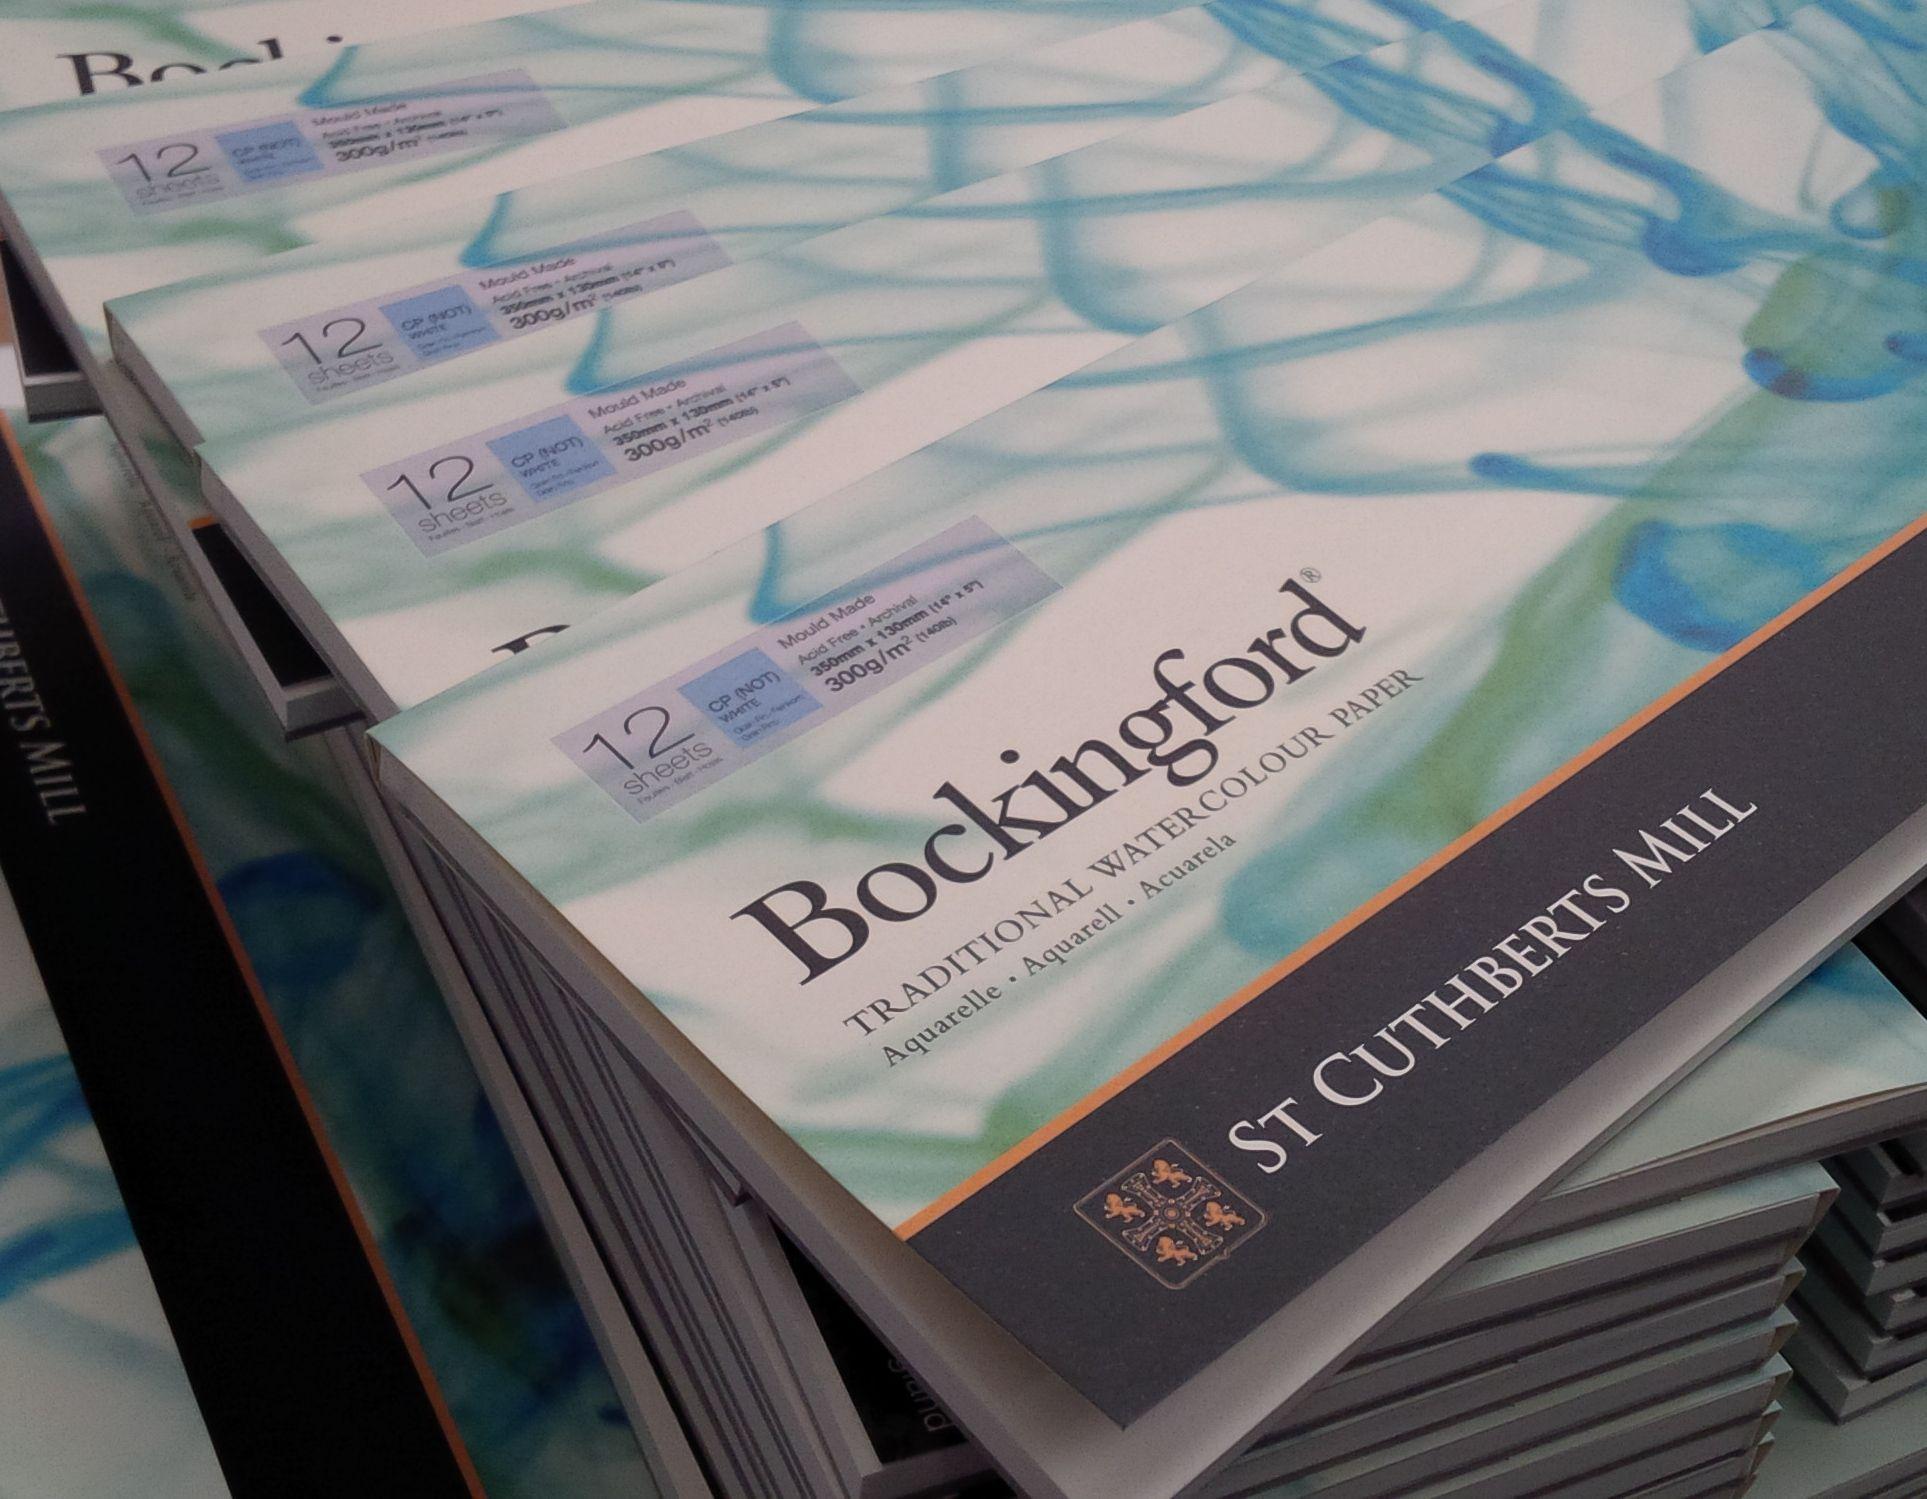 Bockingford Paper Long Format Cp Not 5 X 14 Panoramic Pad